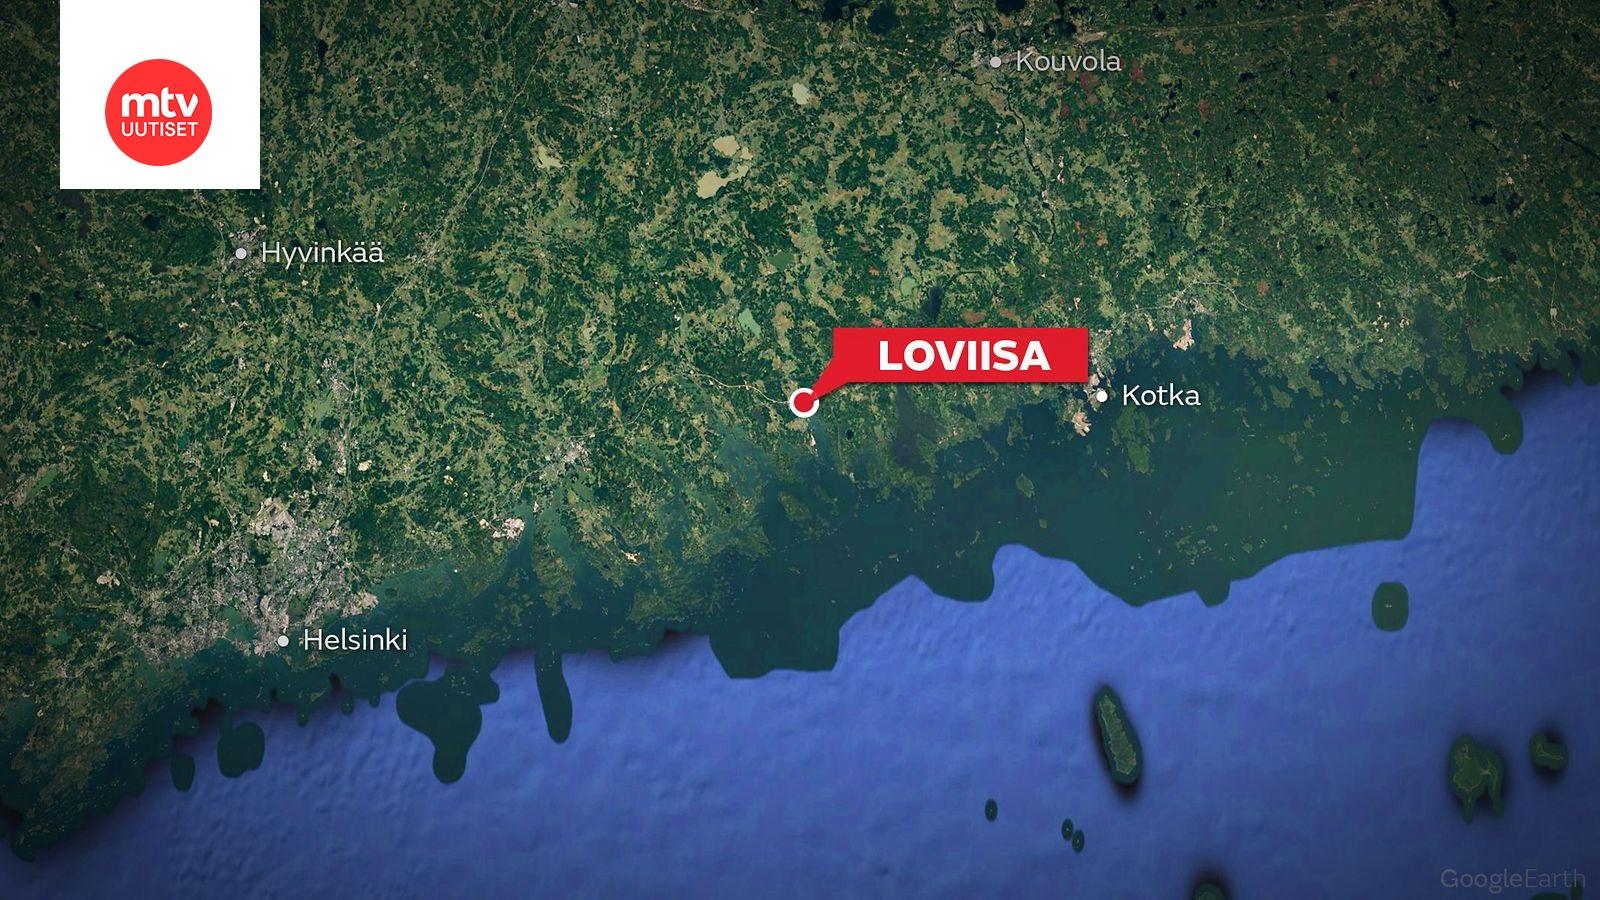 Tuntemattoman Miehen Ruumis Loydettiin Meresta Loviisassa